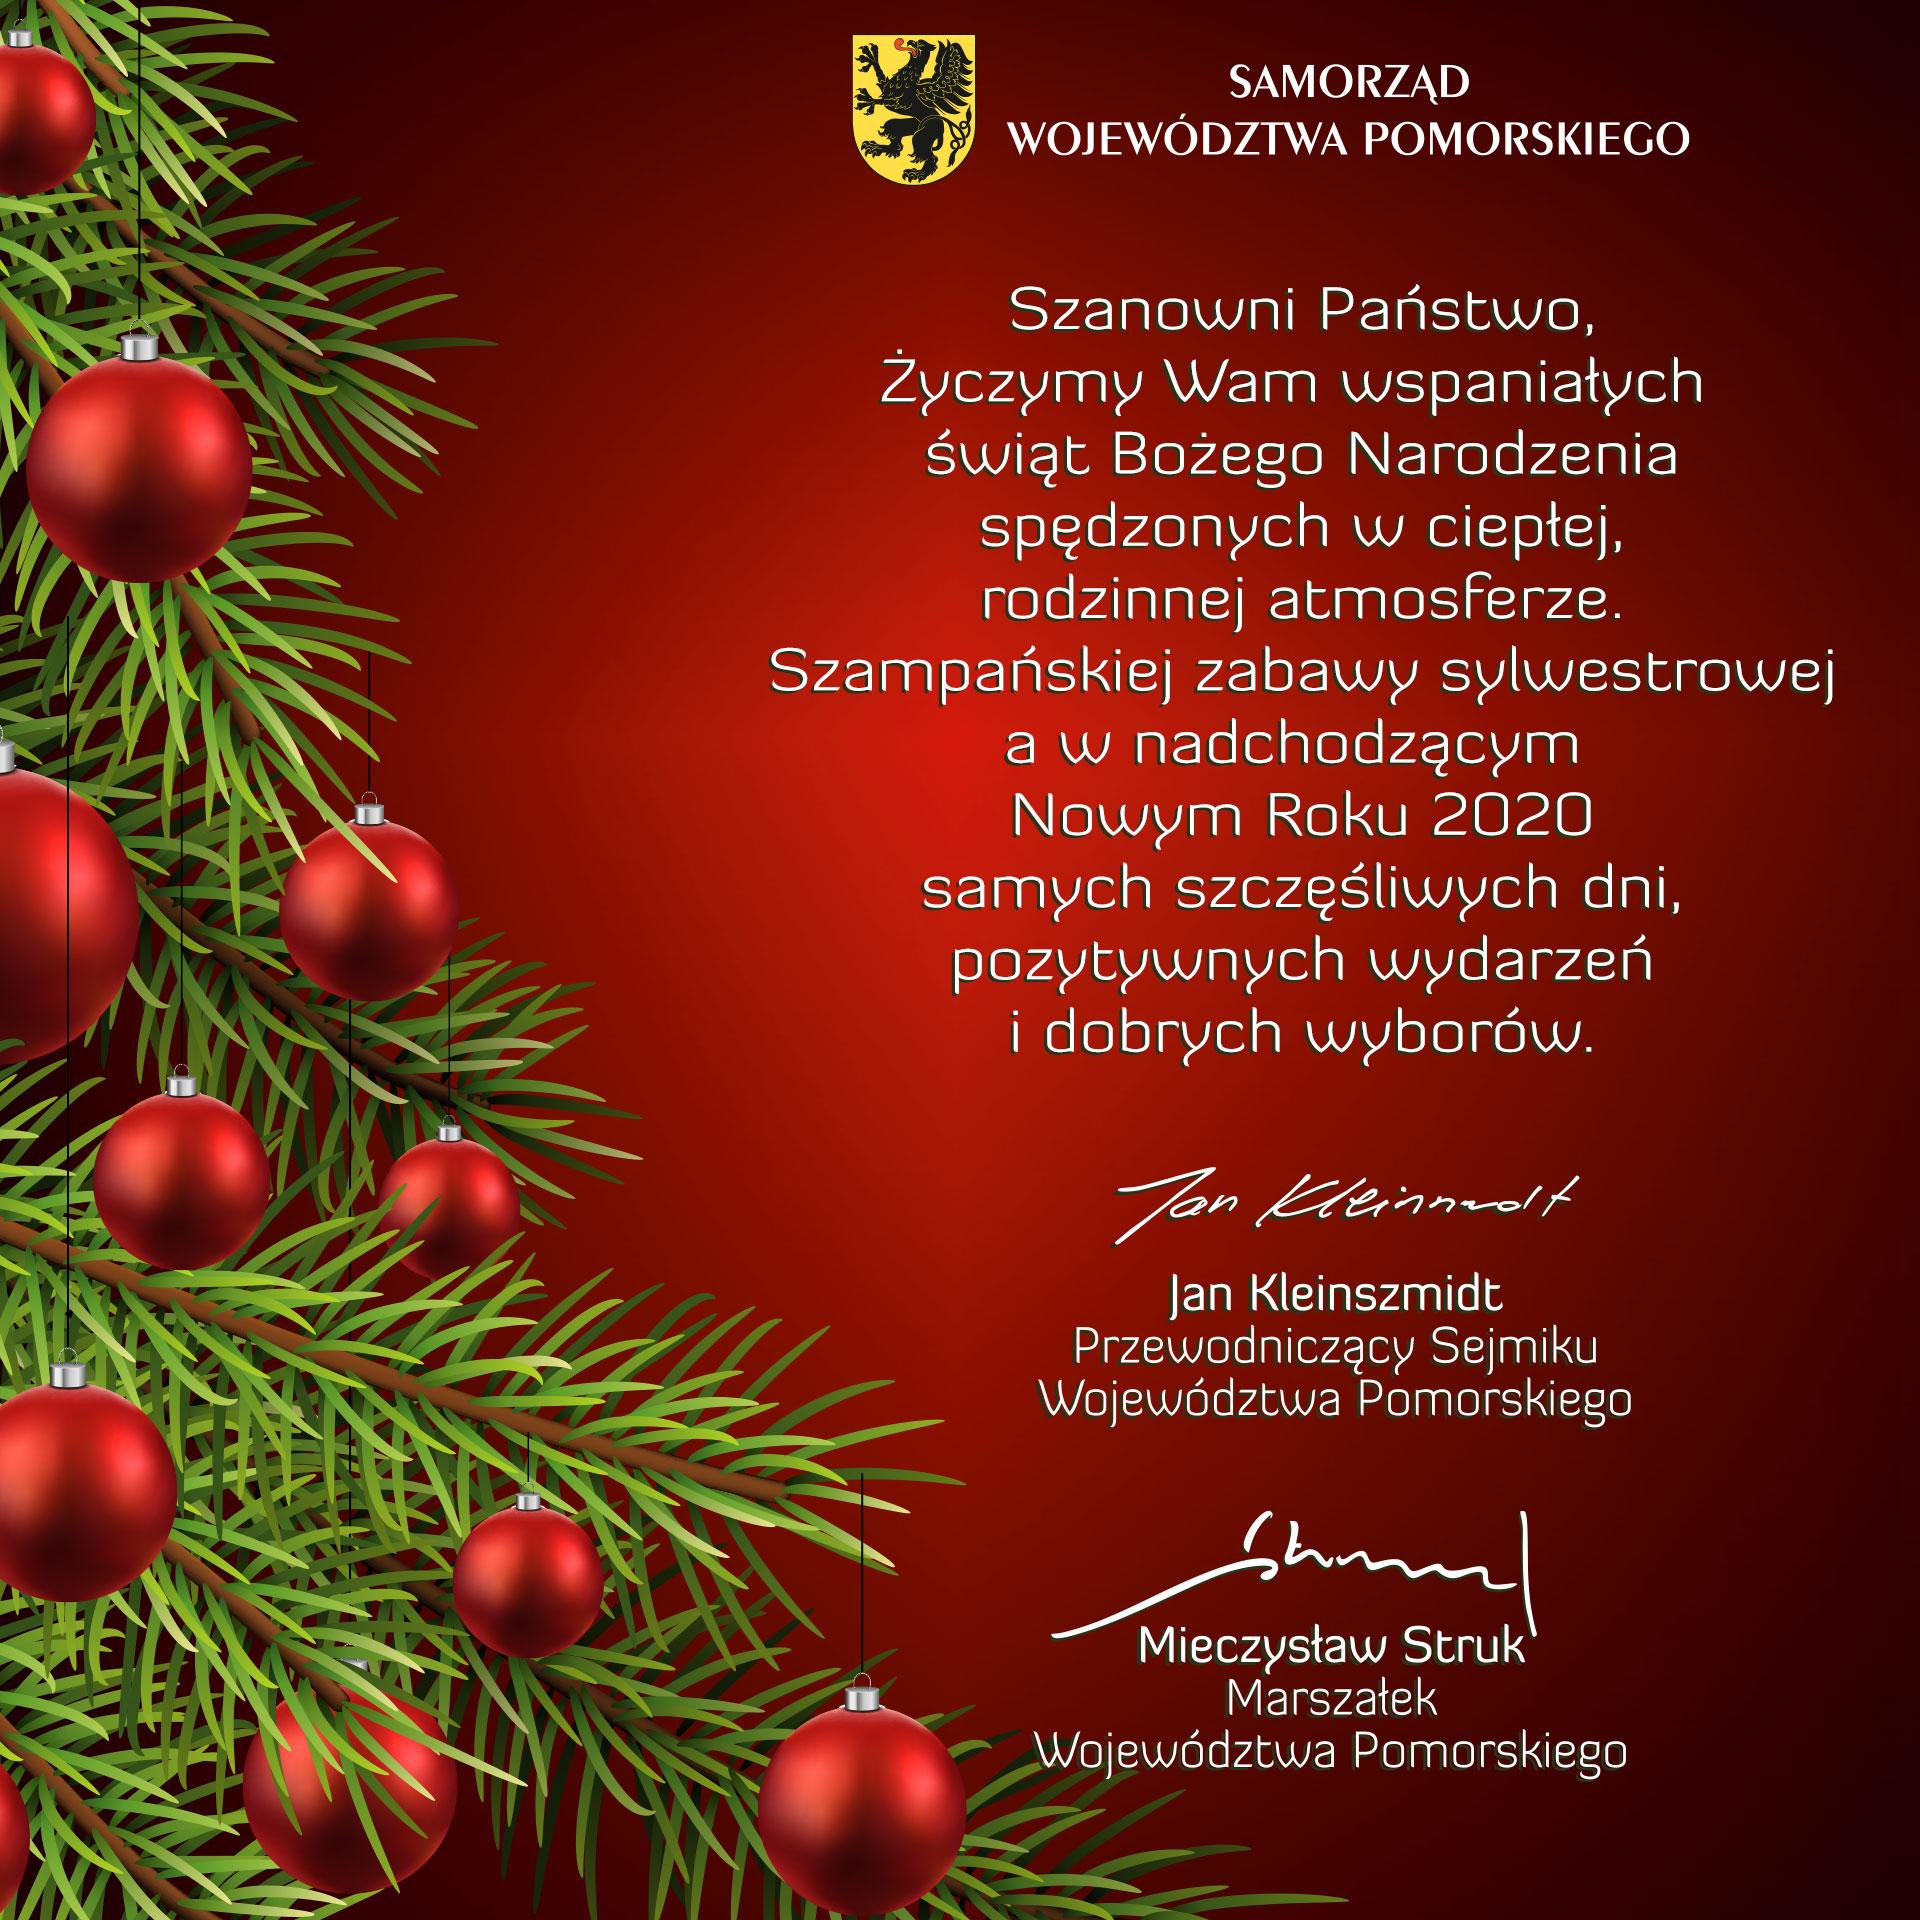 Przewodniczący Sejmiku i Marszałek składają życzenia Czytelnikom Magazynu Kaszuby